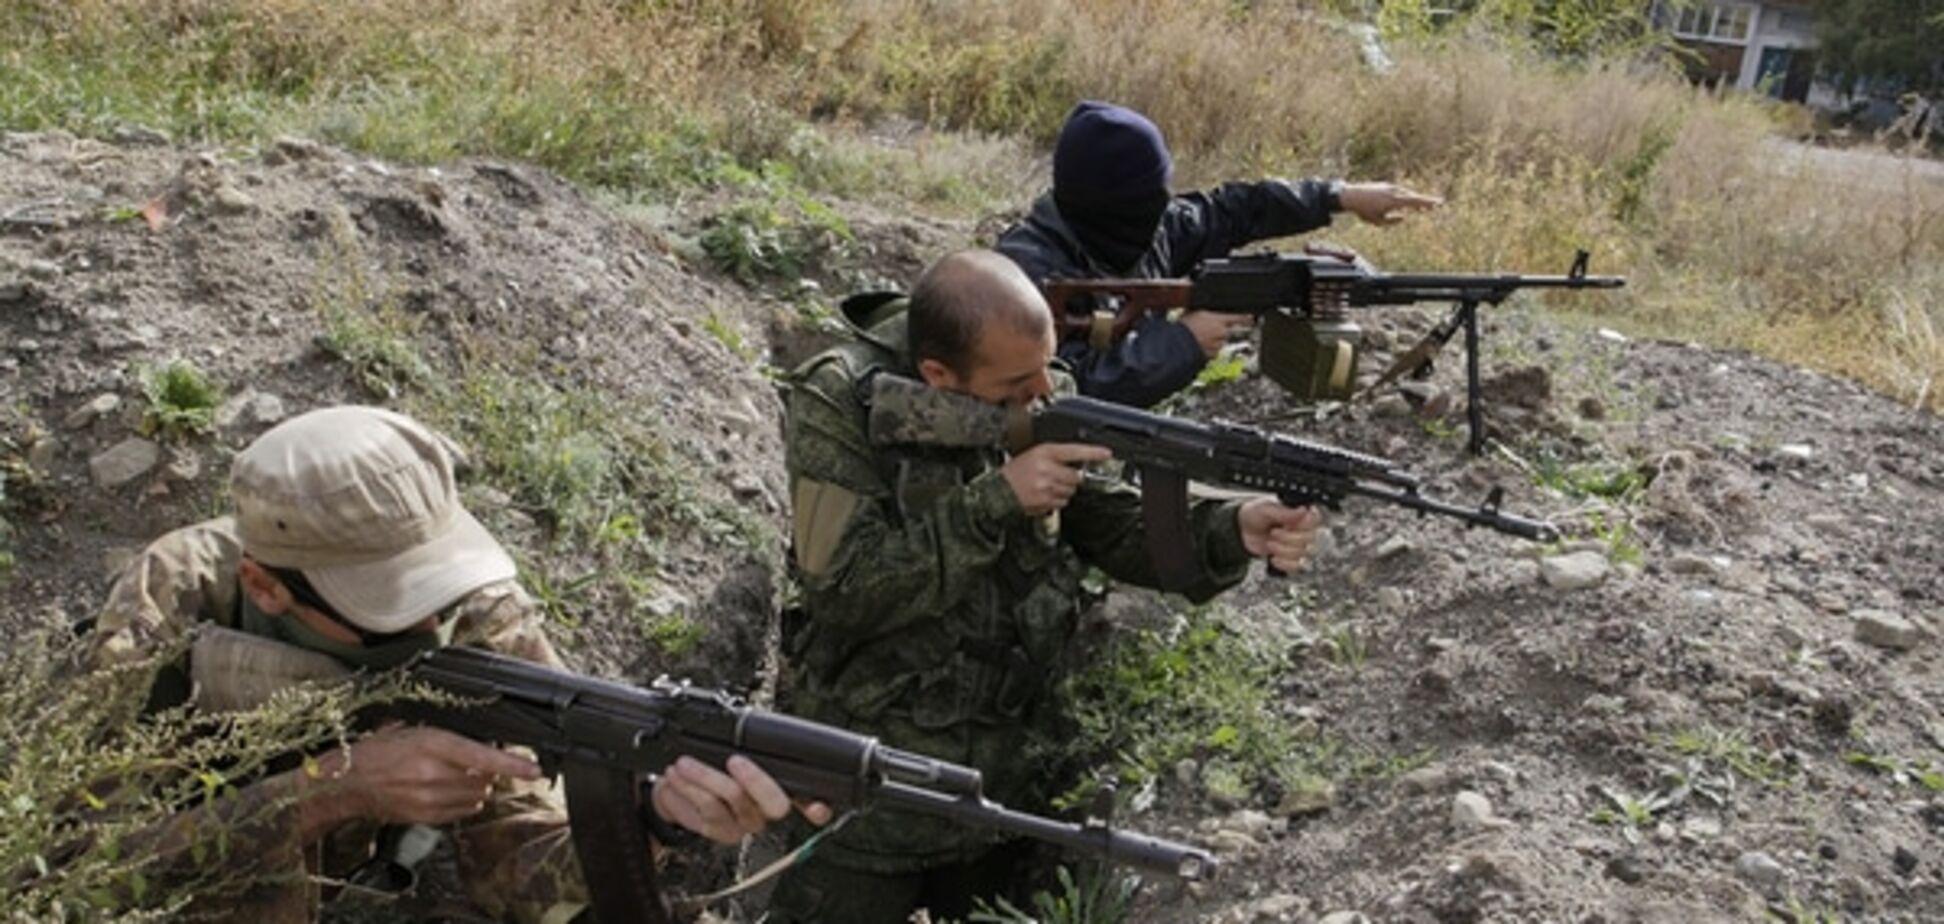 Бойовики розстріляли воїнів АТО під Авдіївкою: є вбитий і поранені